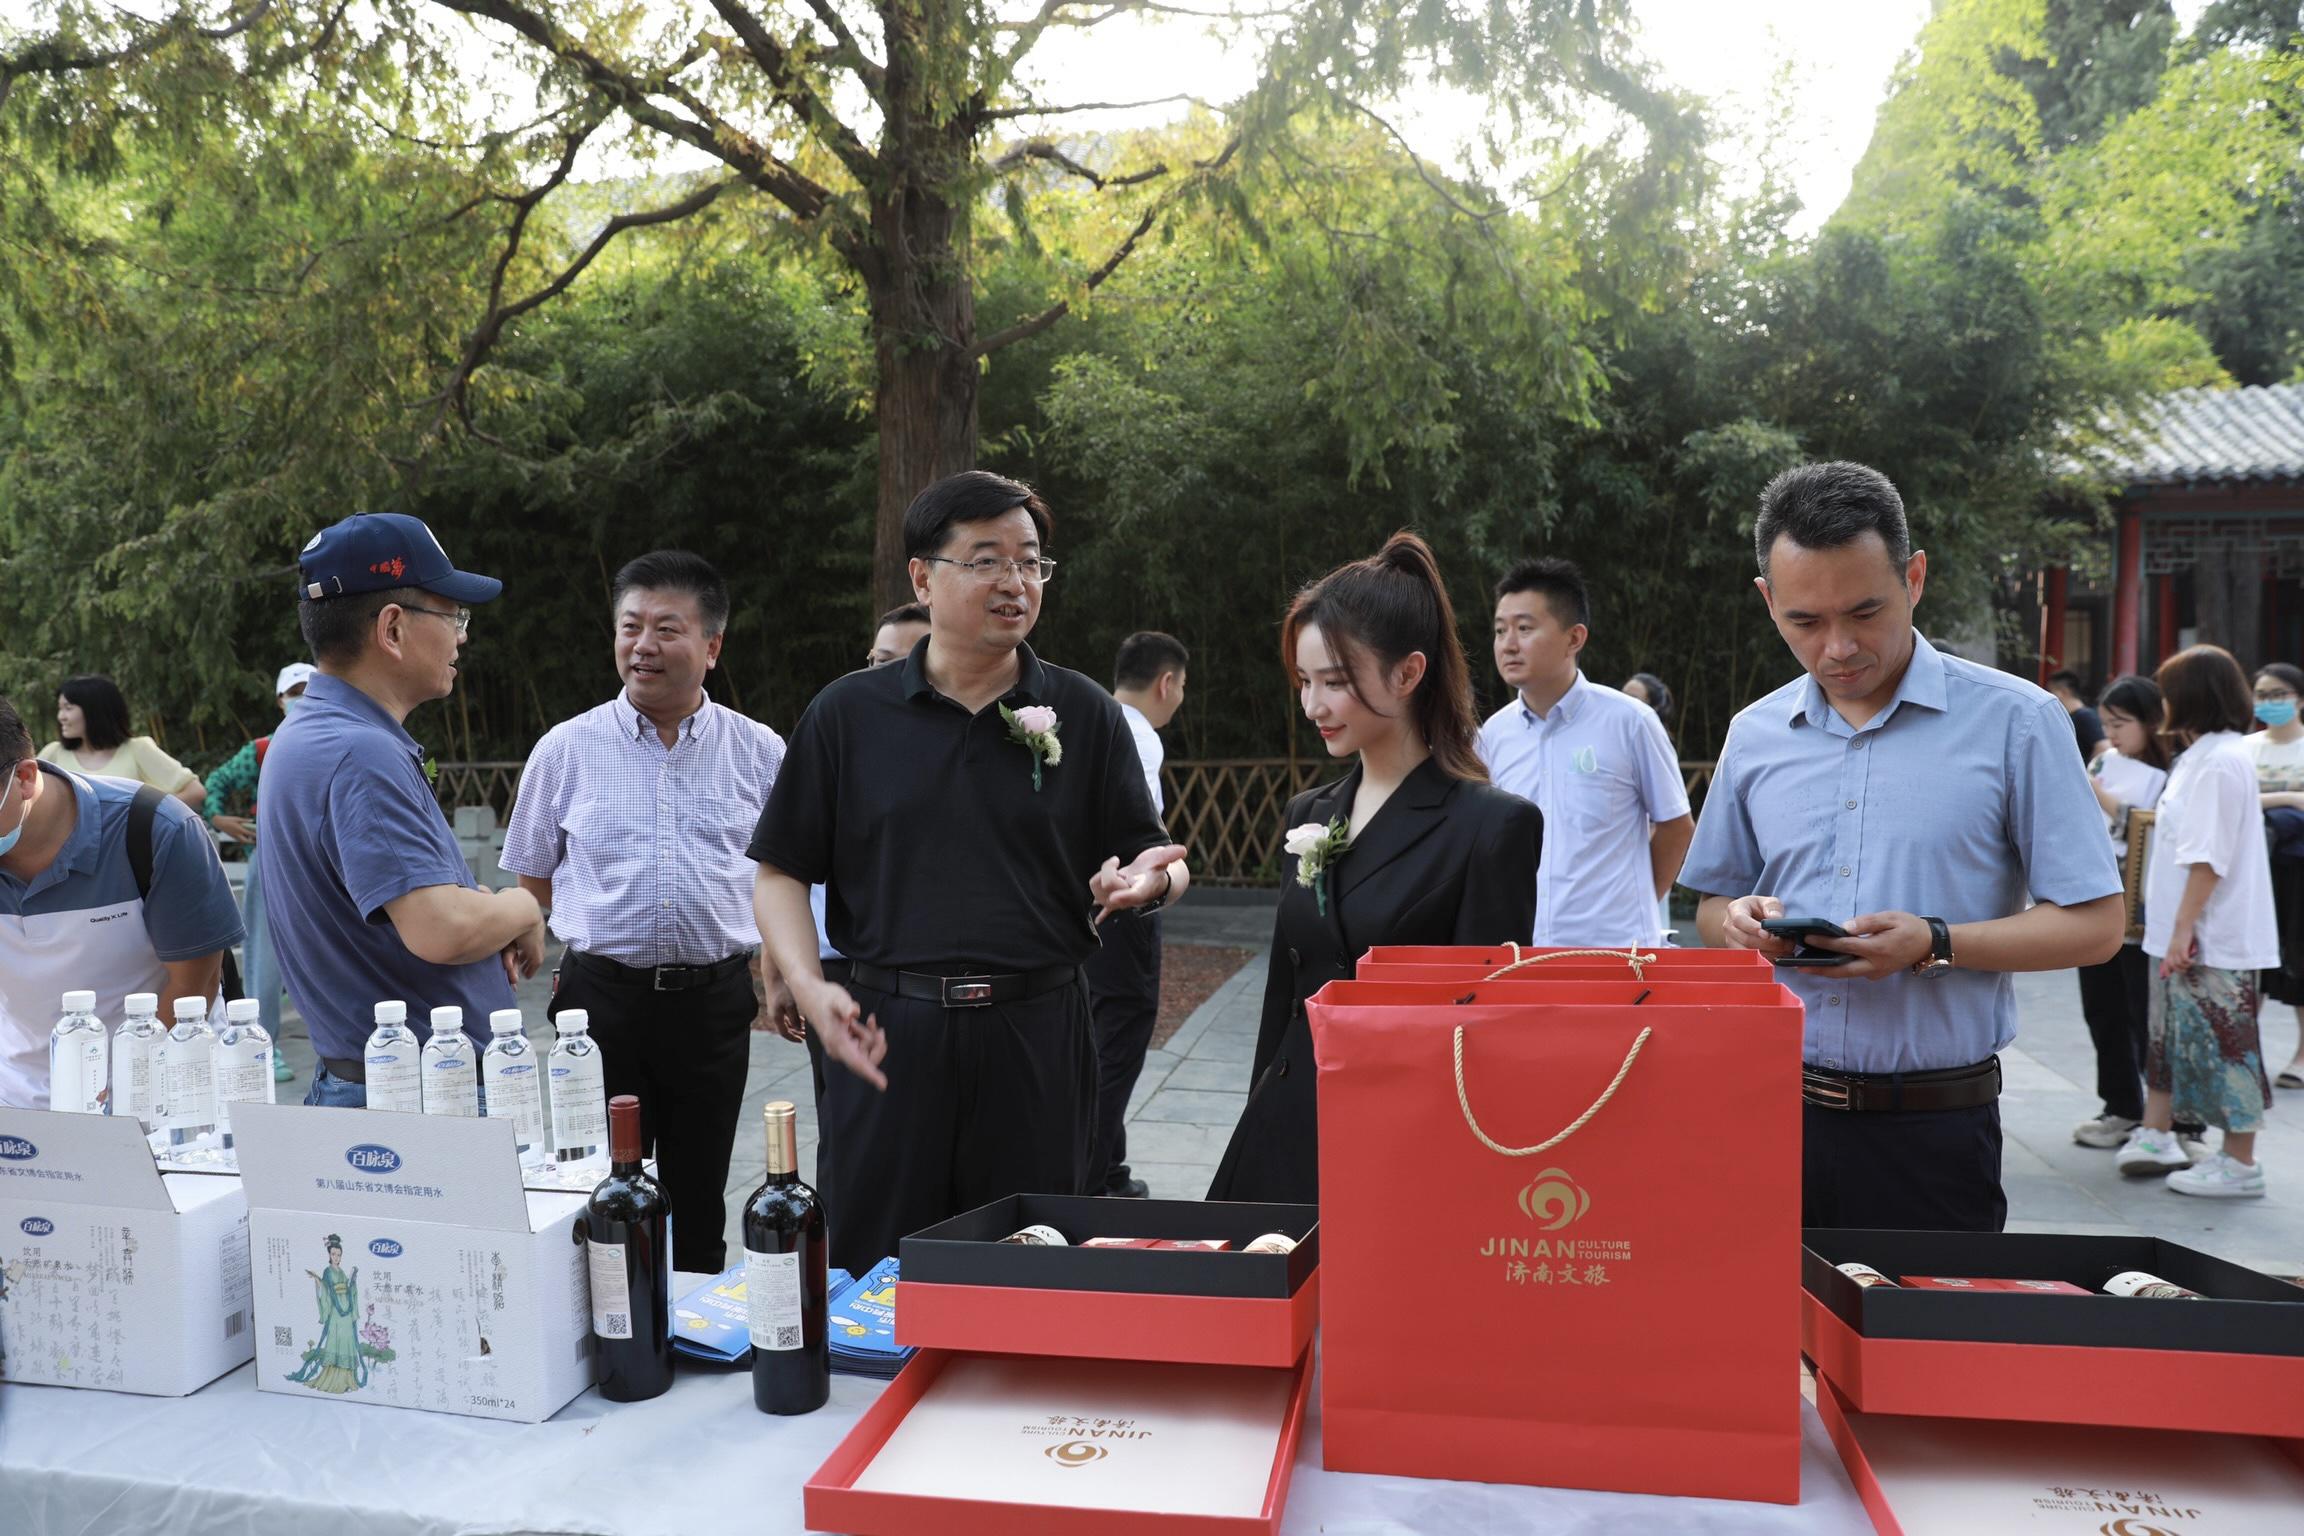 雪梨直播中国行走进千年古城带货 800万人次围观抢购山东好品